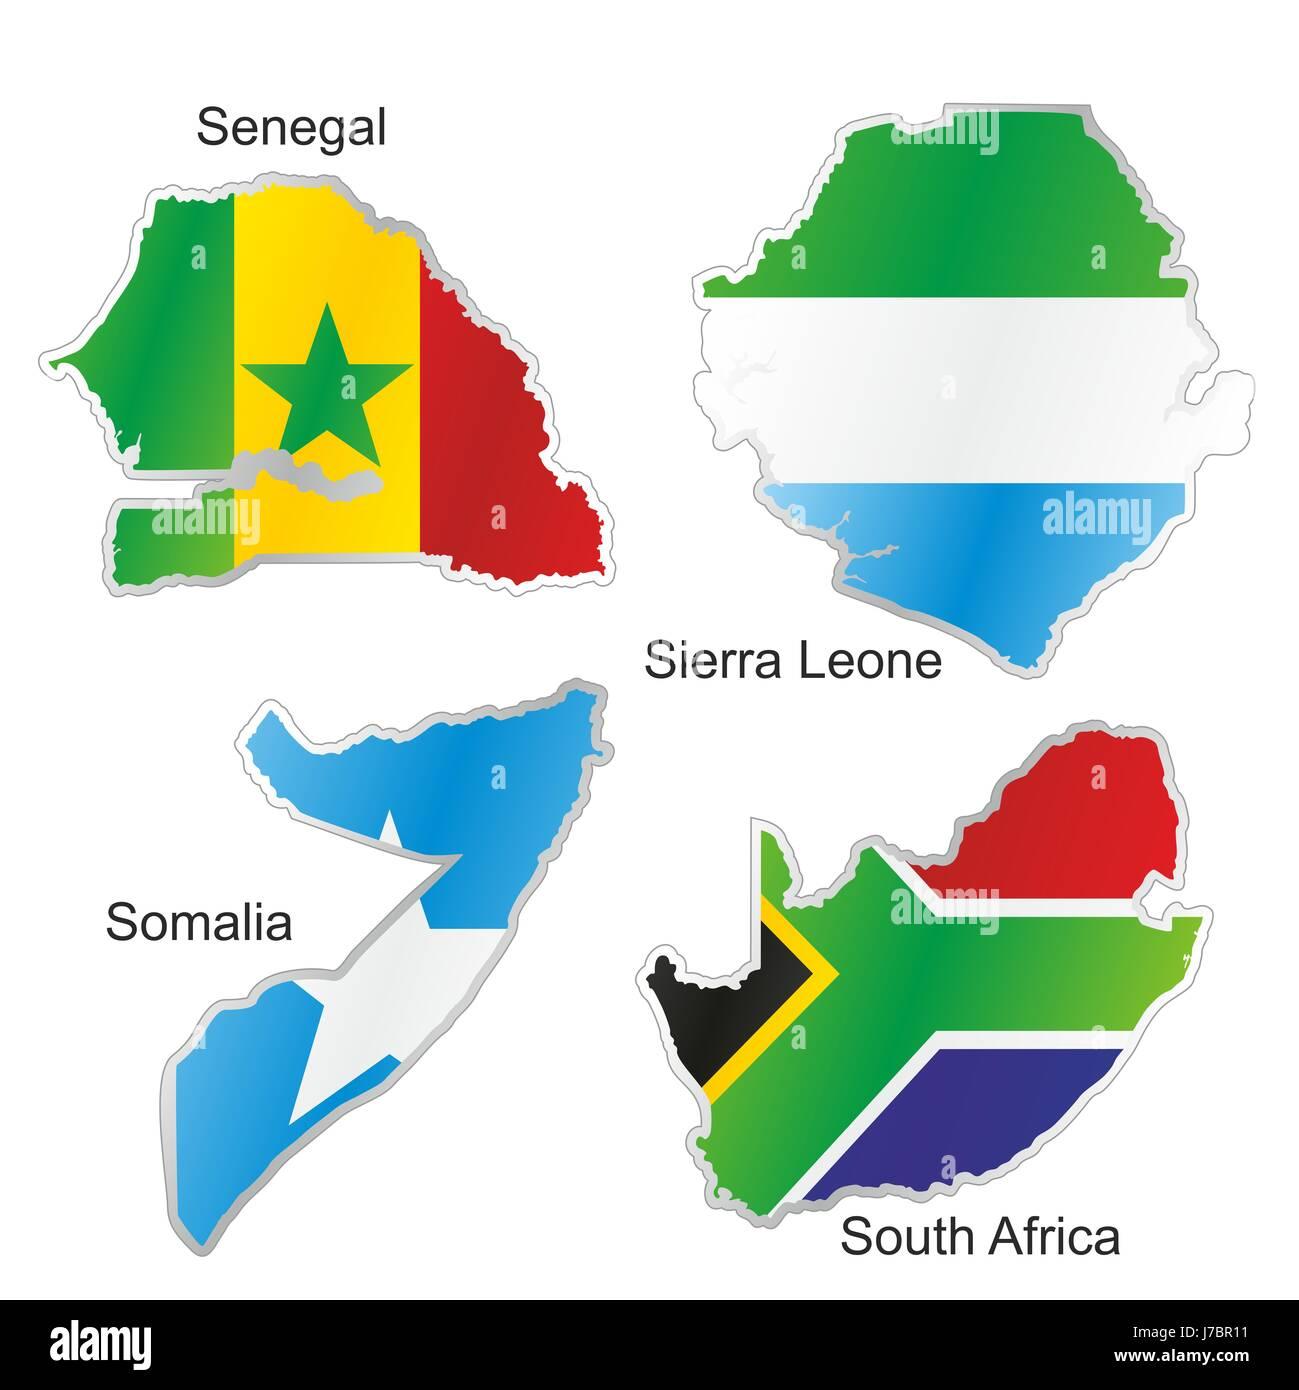 Senegal Afrique Du Sud Carte.L Afrique Du Sud Drapeau Senegal Somalie Atlas Des Cartes